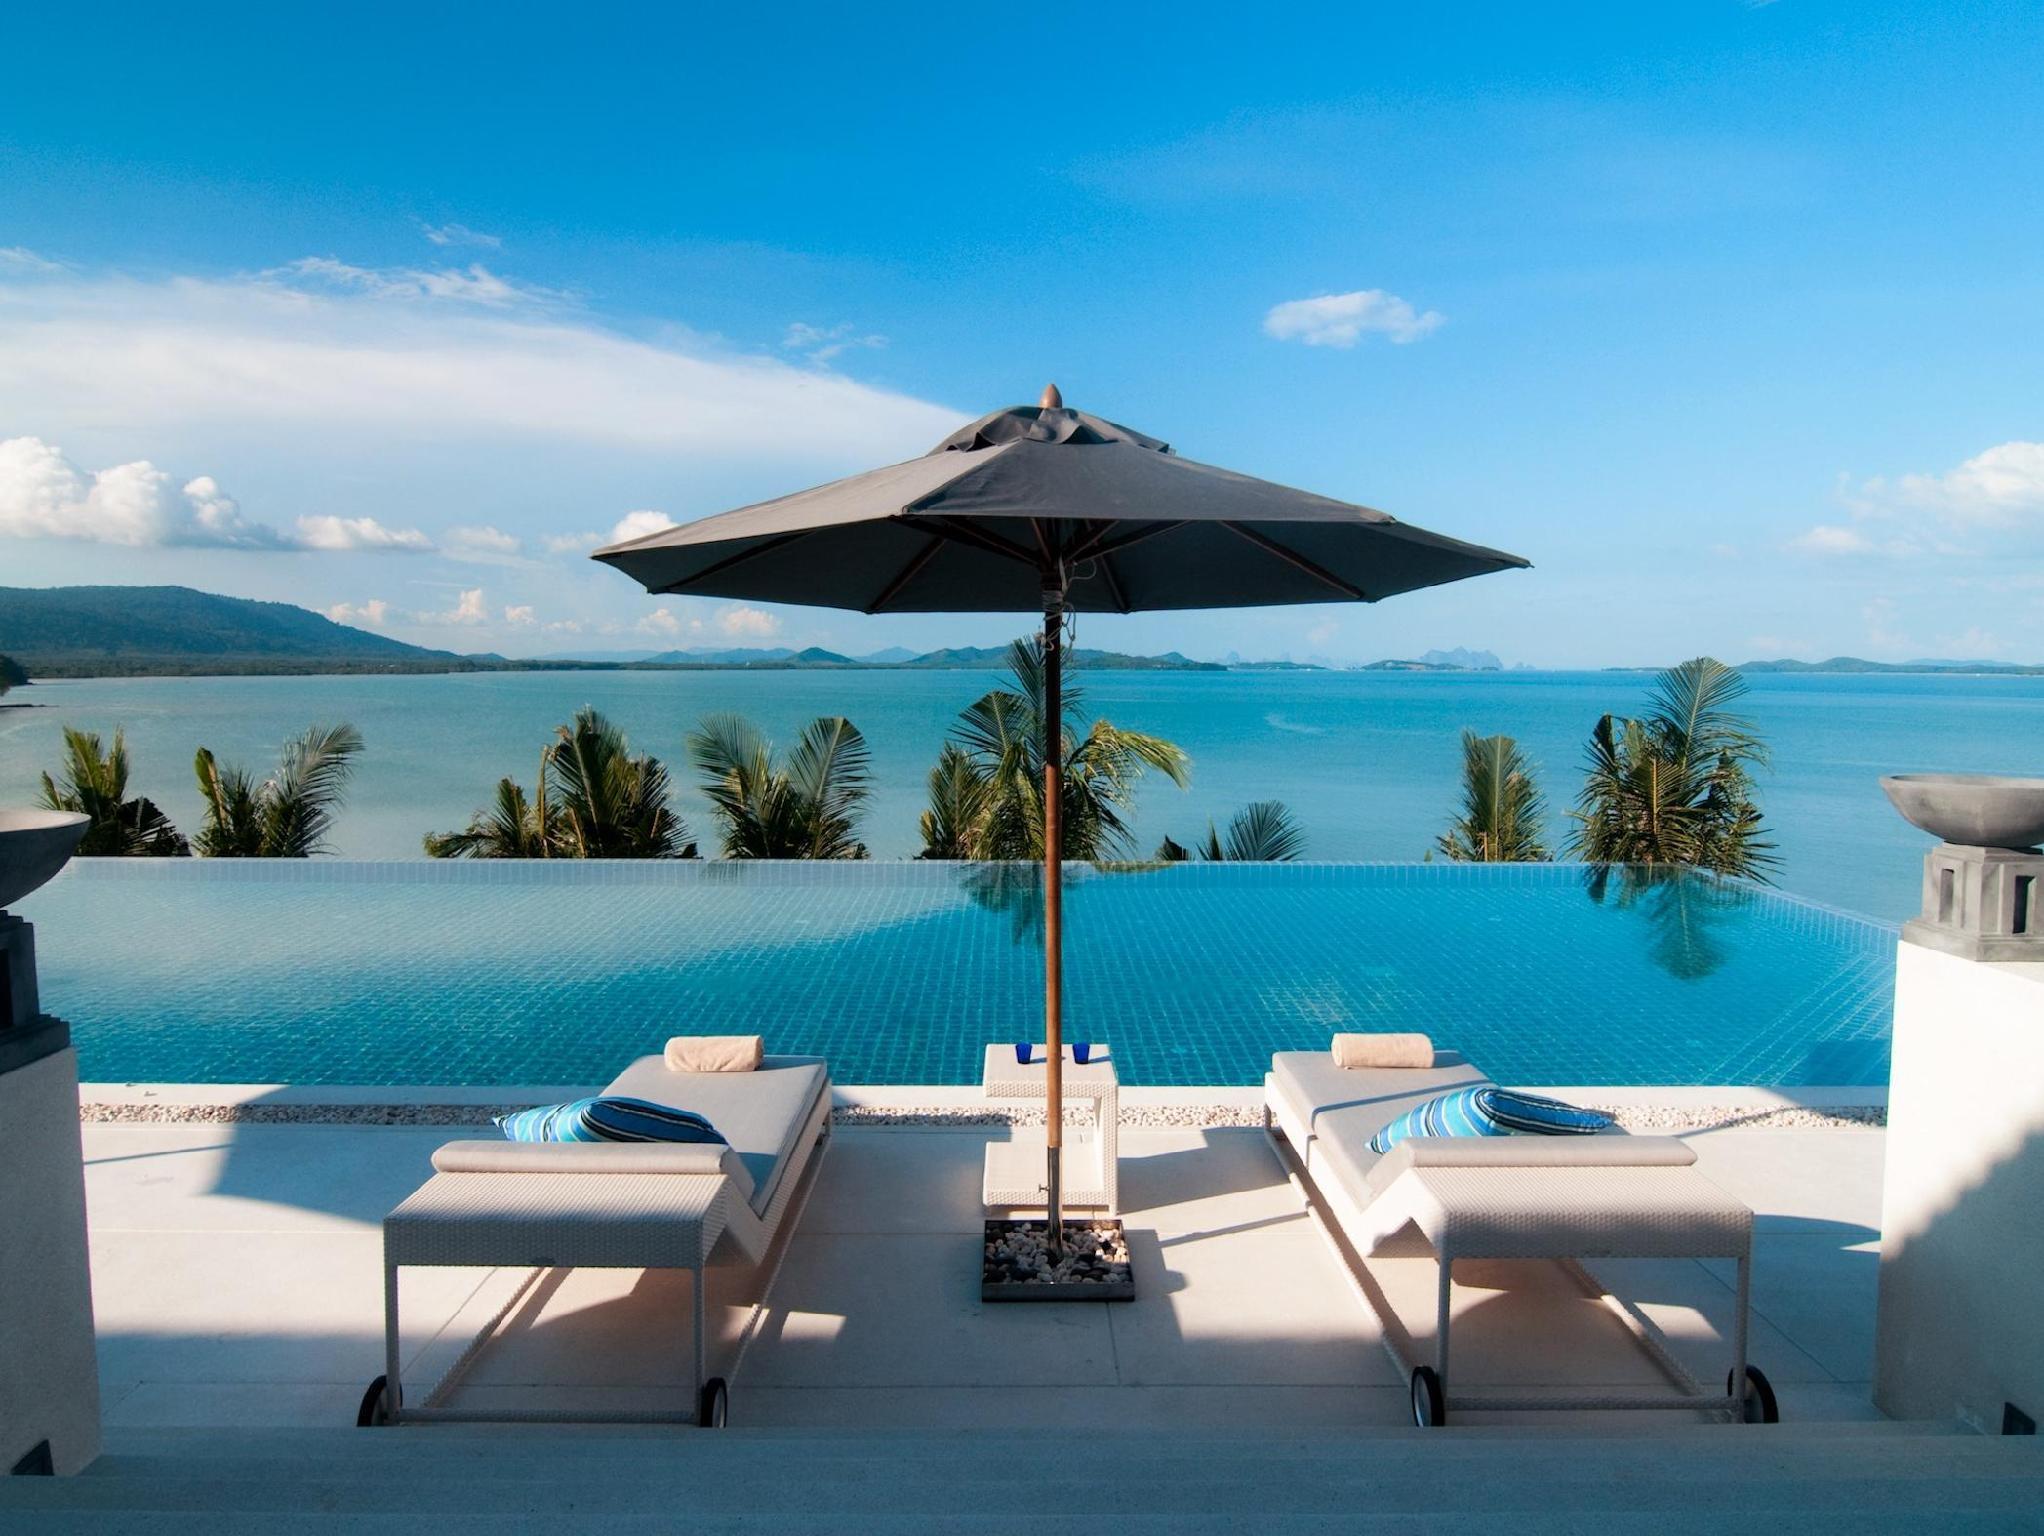 Ocean s 11 Villa - Hotell och Boende i Thailand i Asien